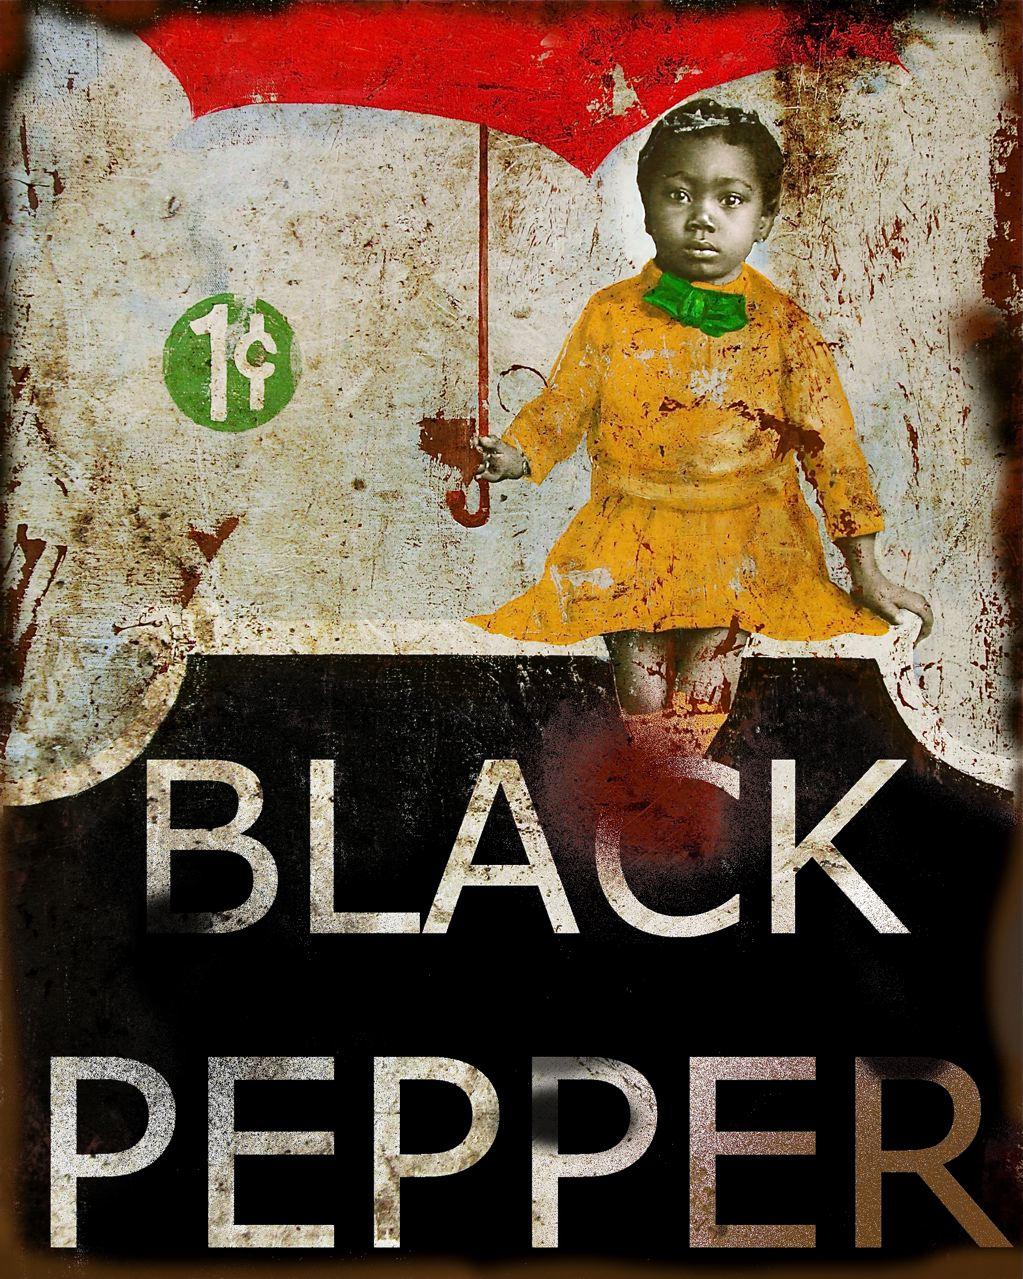 cedric-black-pepper_0